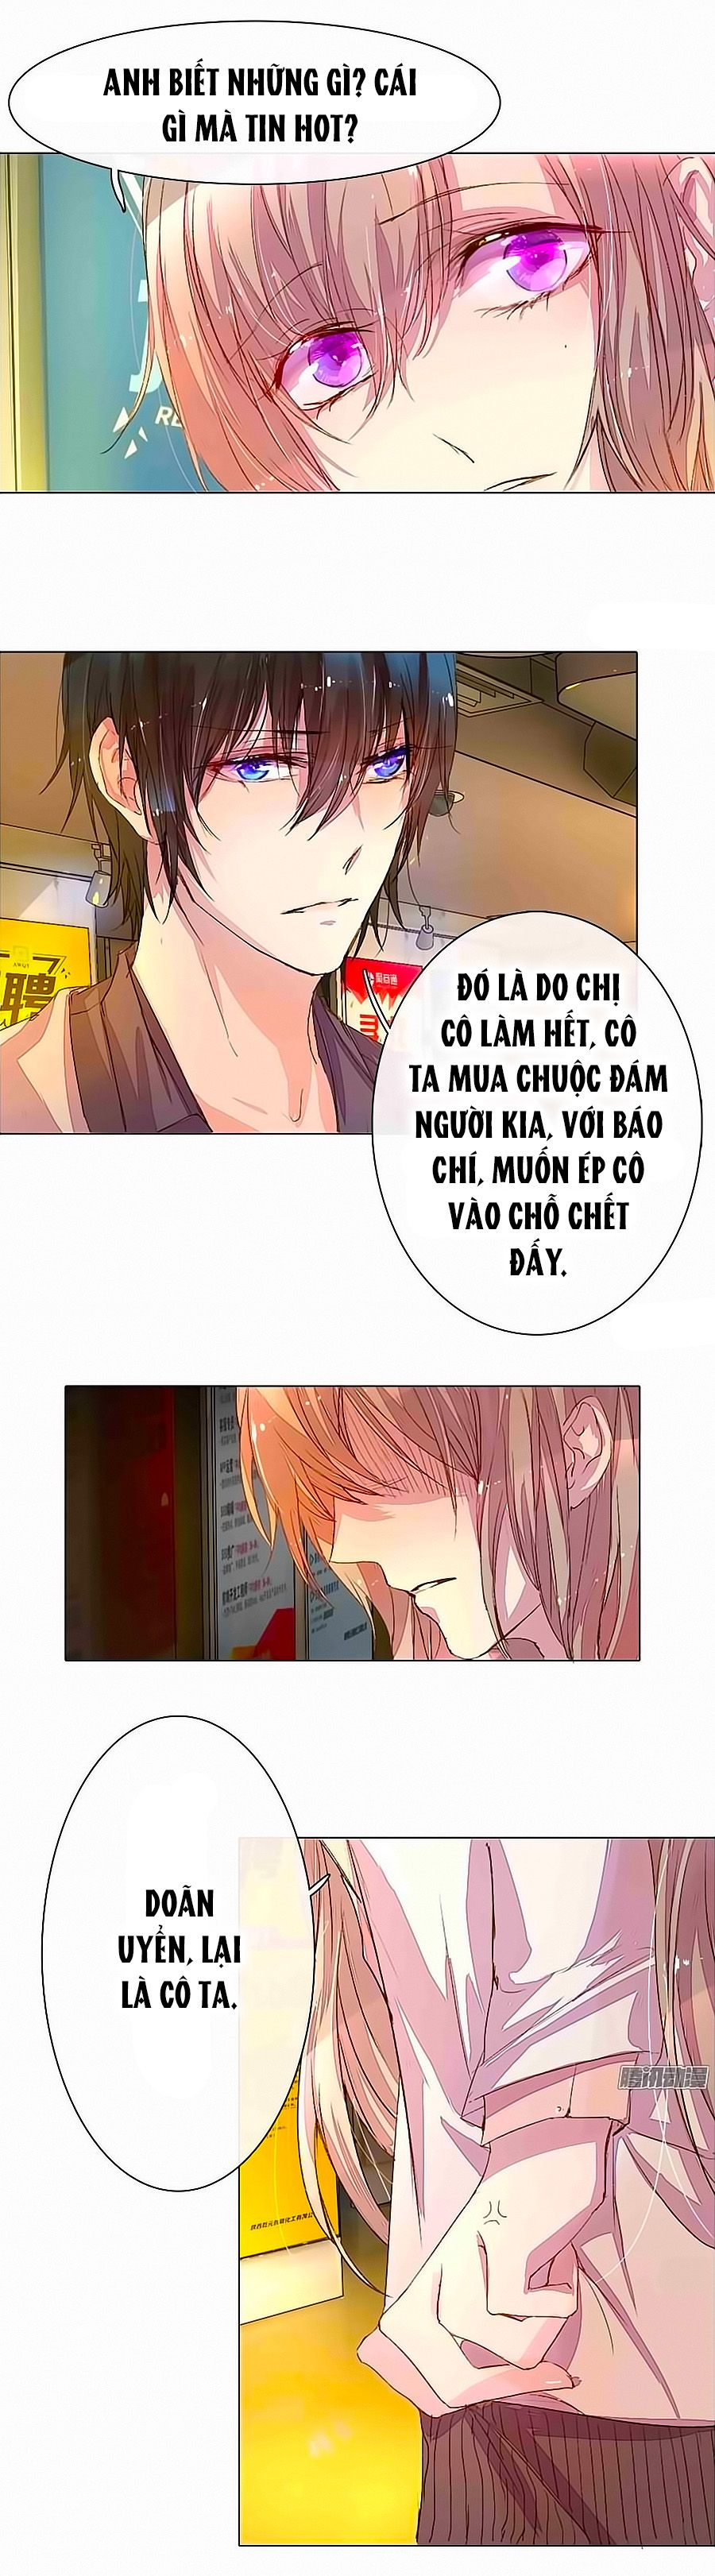 Hào Môn Tiểu Lãn Thê - Chap 14